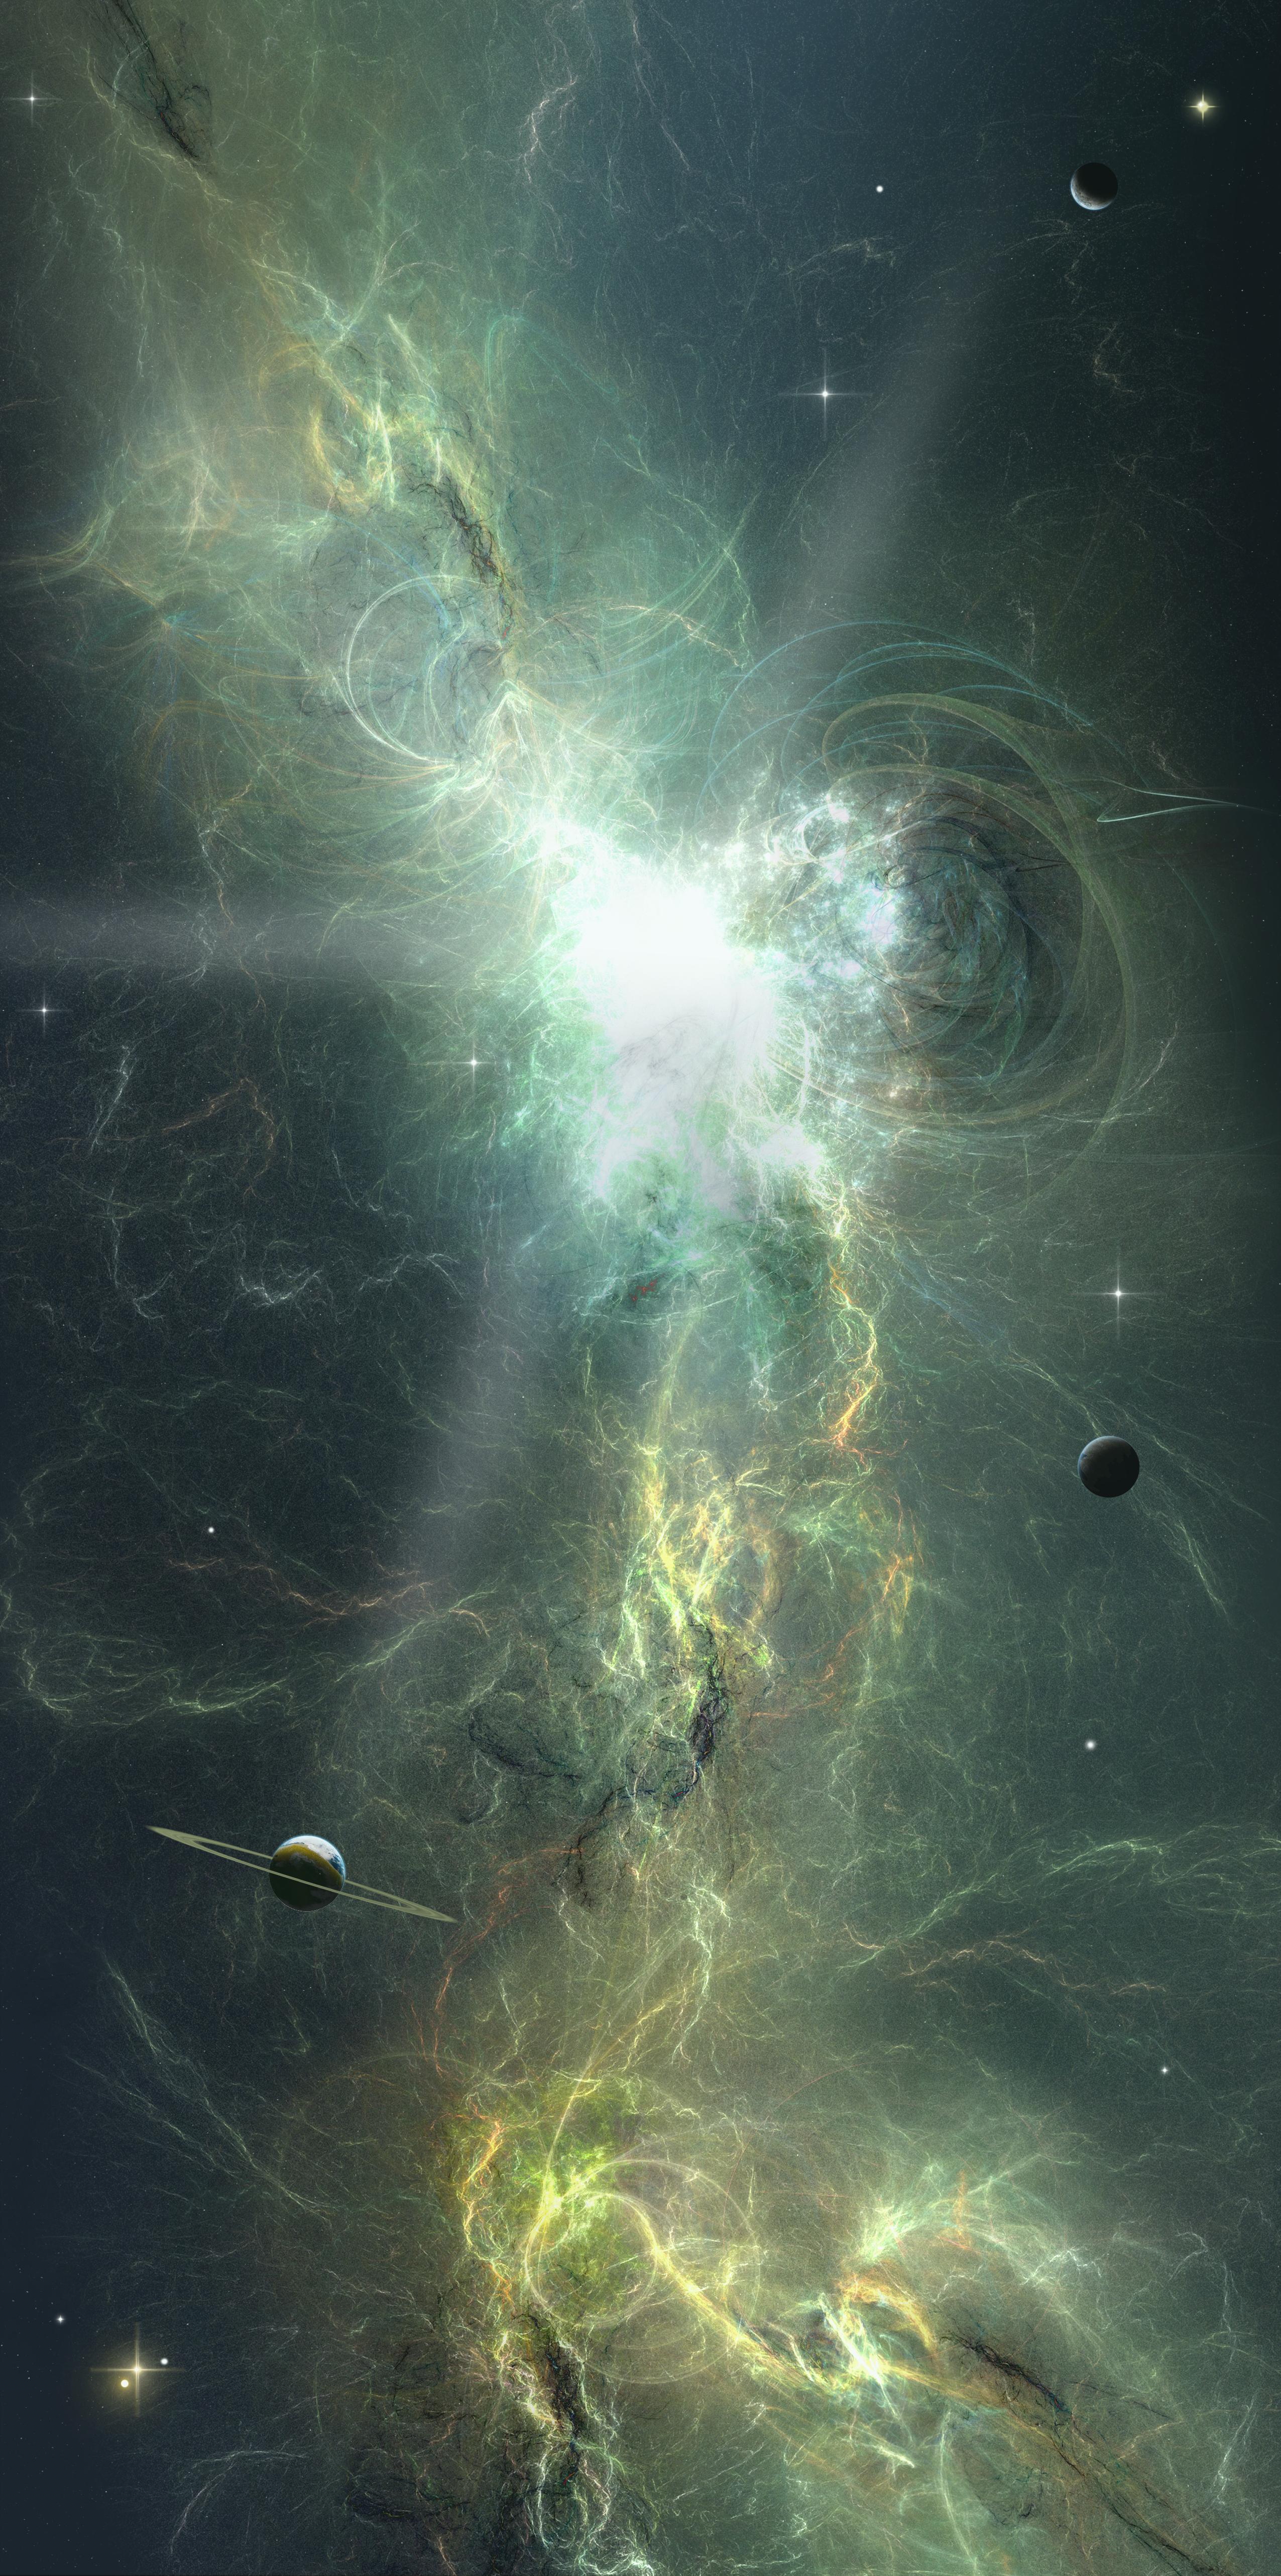 153265 скачать обои Абстракция, Вспышка, Яркий, Энергия, Космос, Звезды, Планеты - заставки и картинки бесплатно